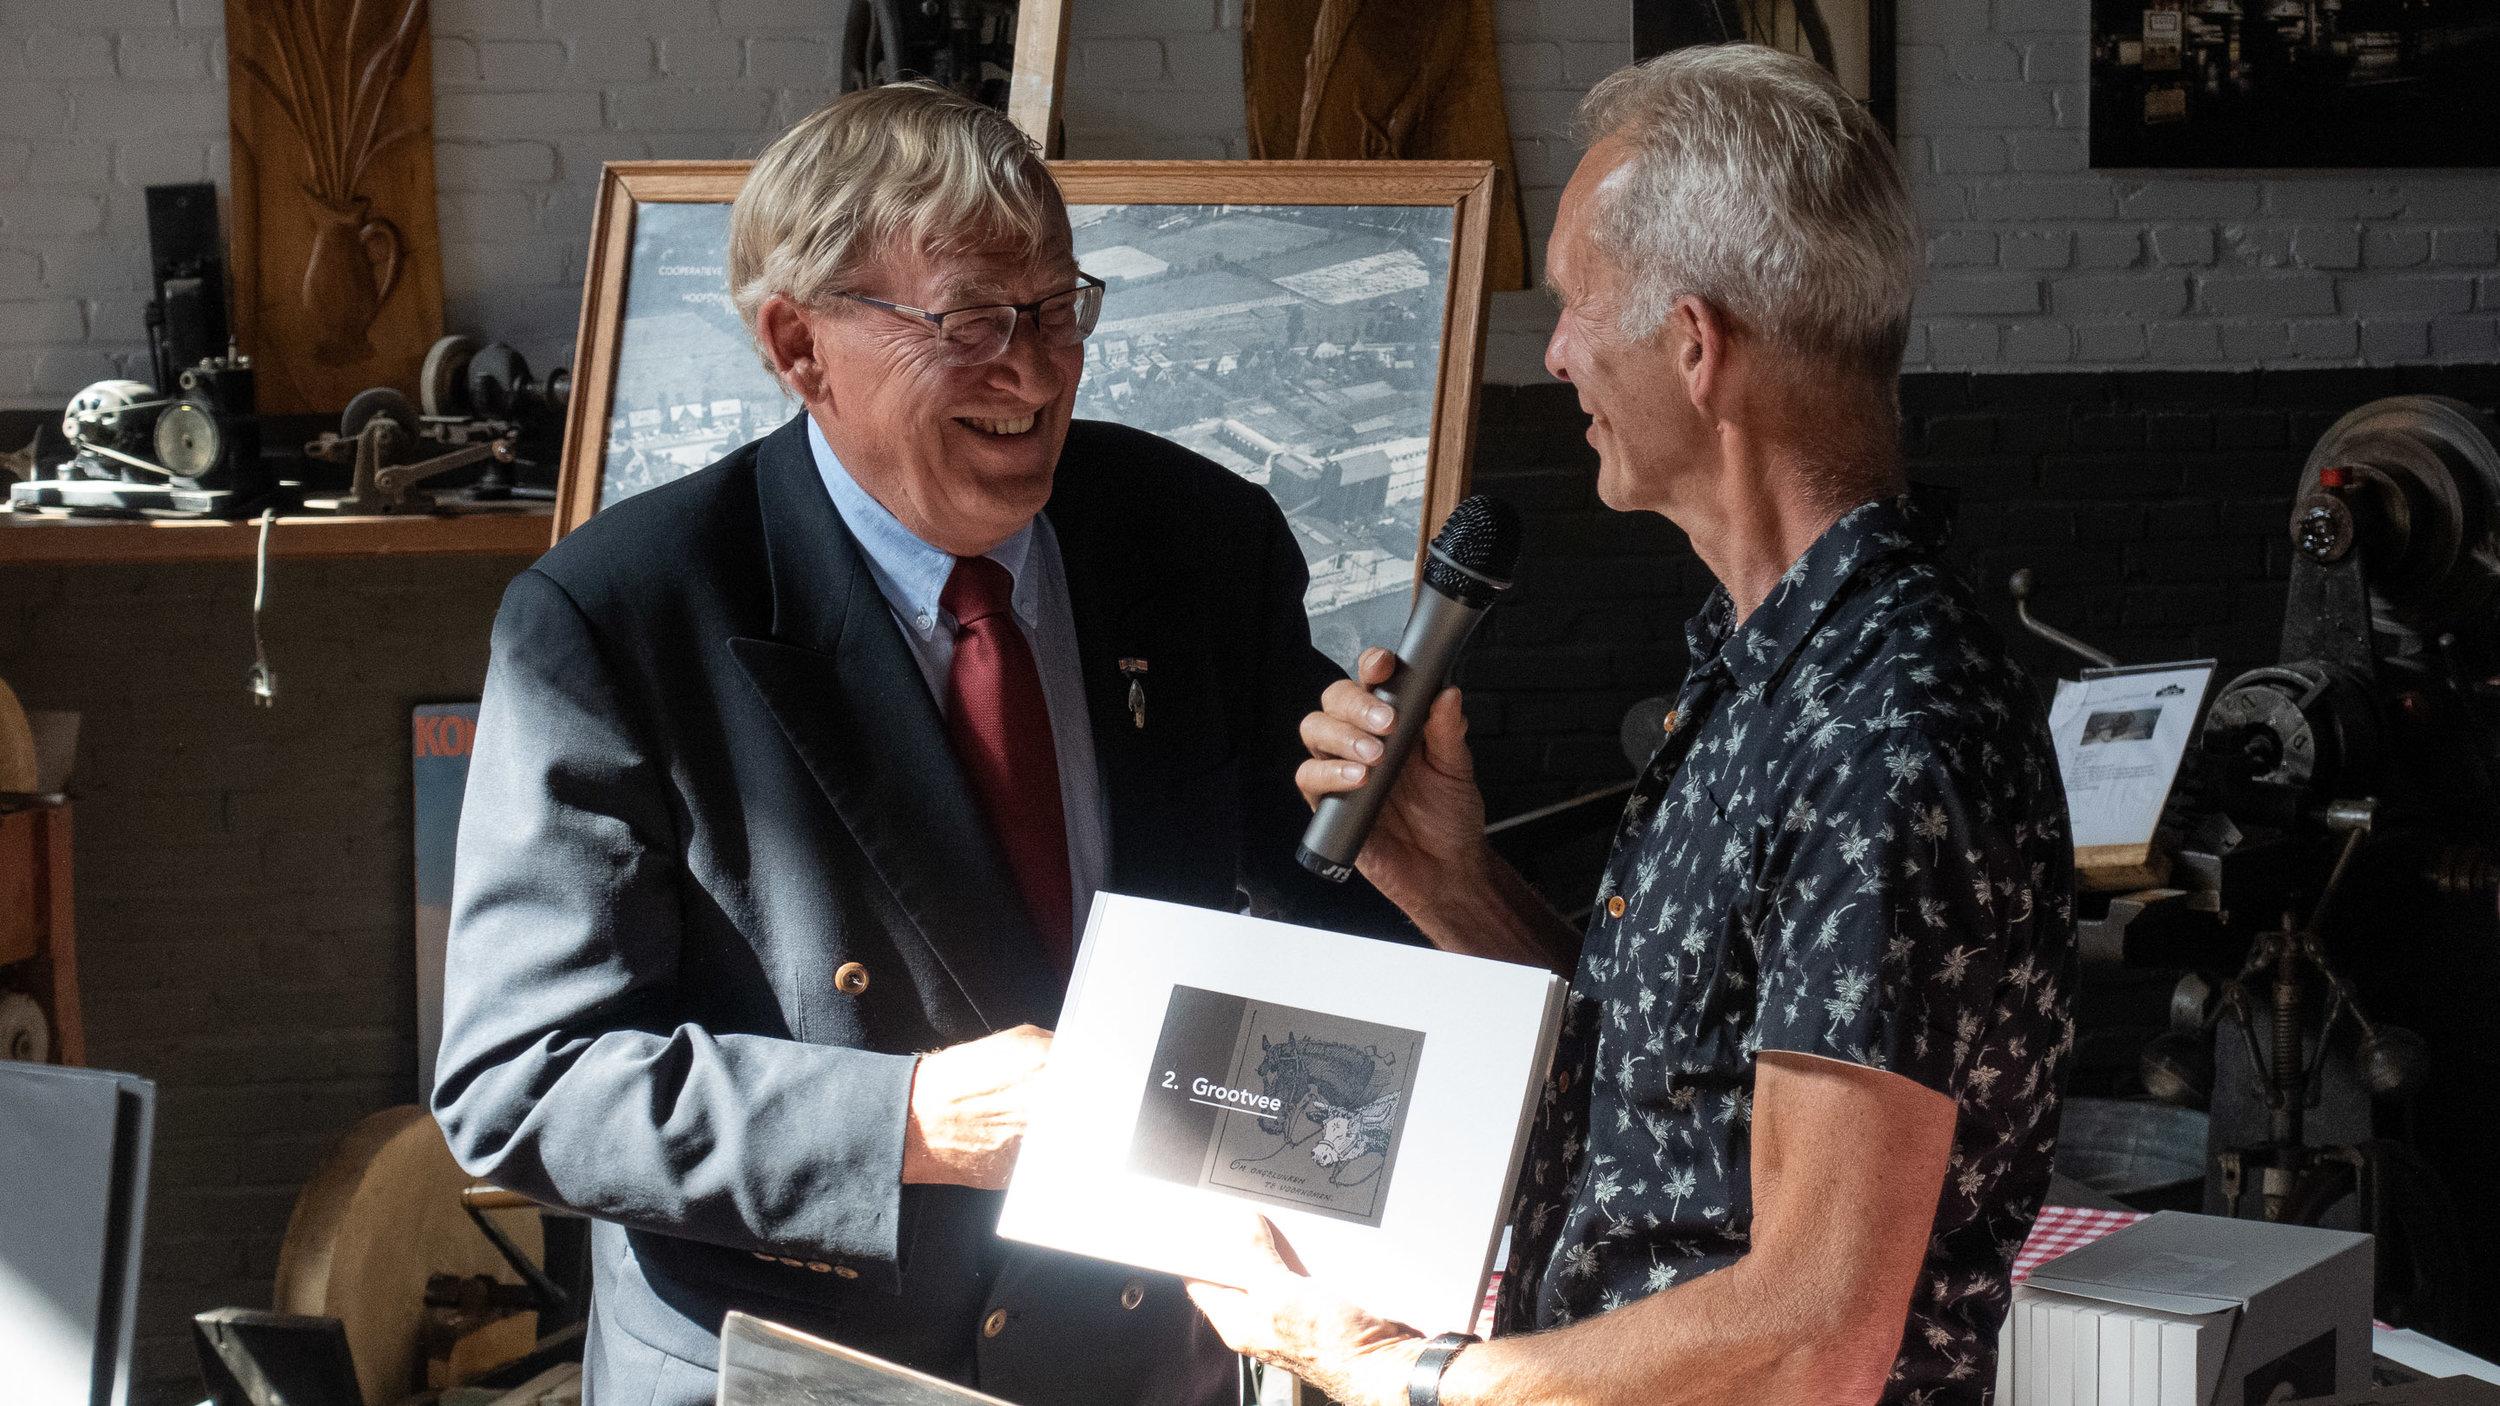 Voorzitter Ben van Dam rijkt het eerste exemplaar van deel 2. Grootvee, uit aan Jan van Riel